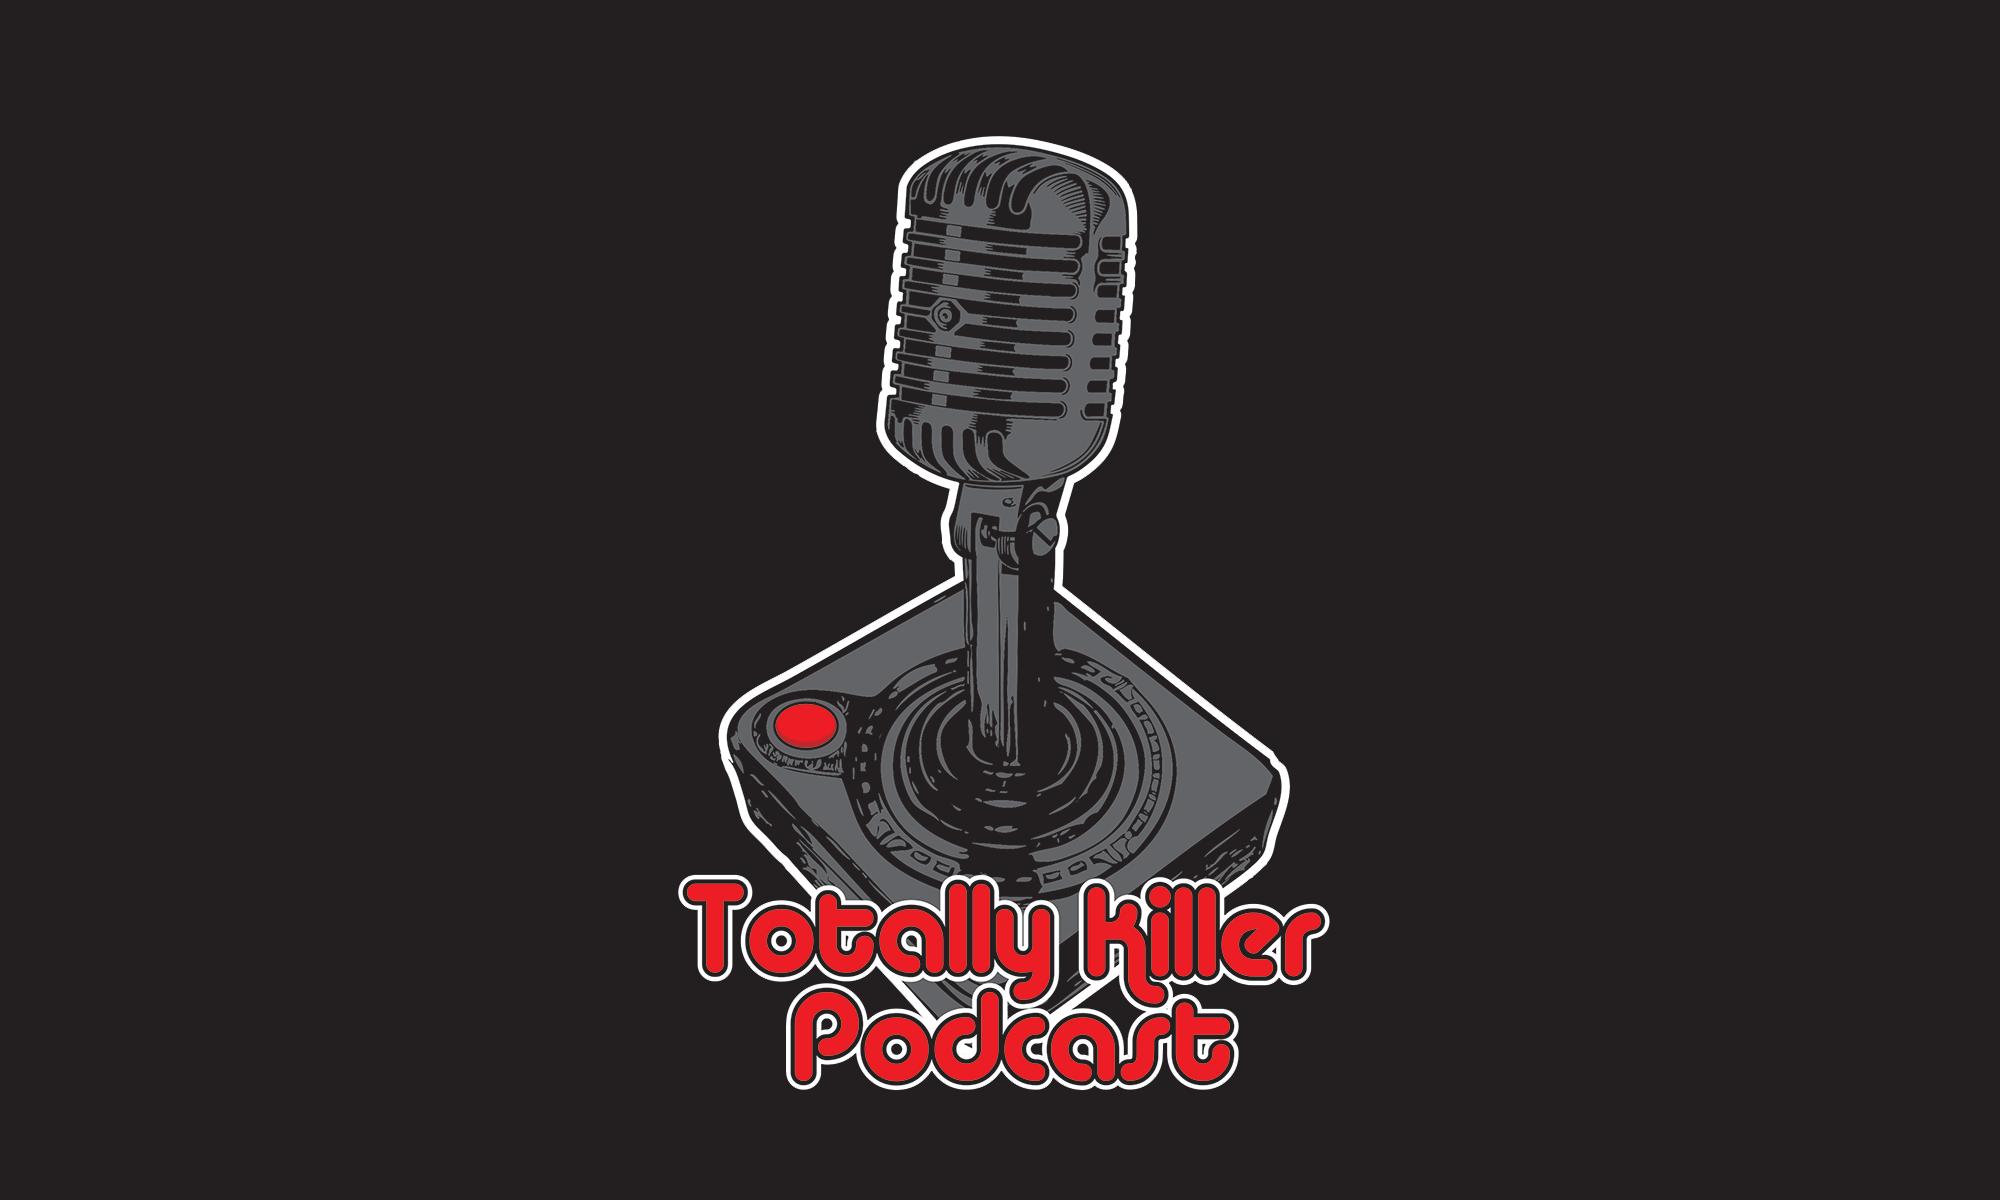 Totally Killer Podcast